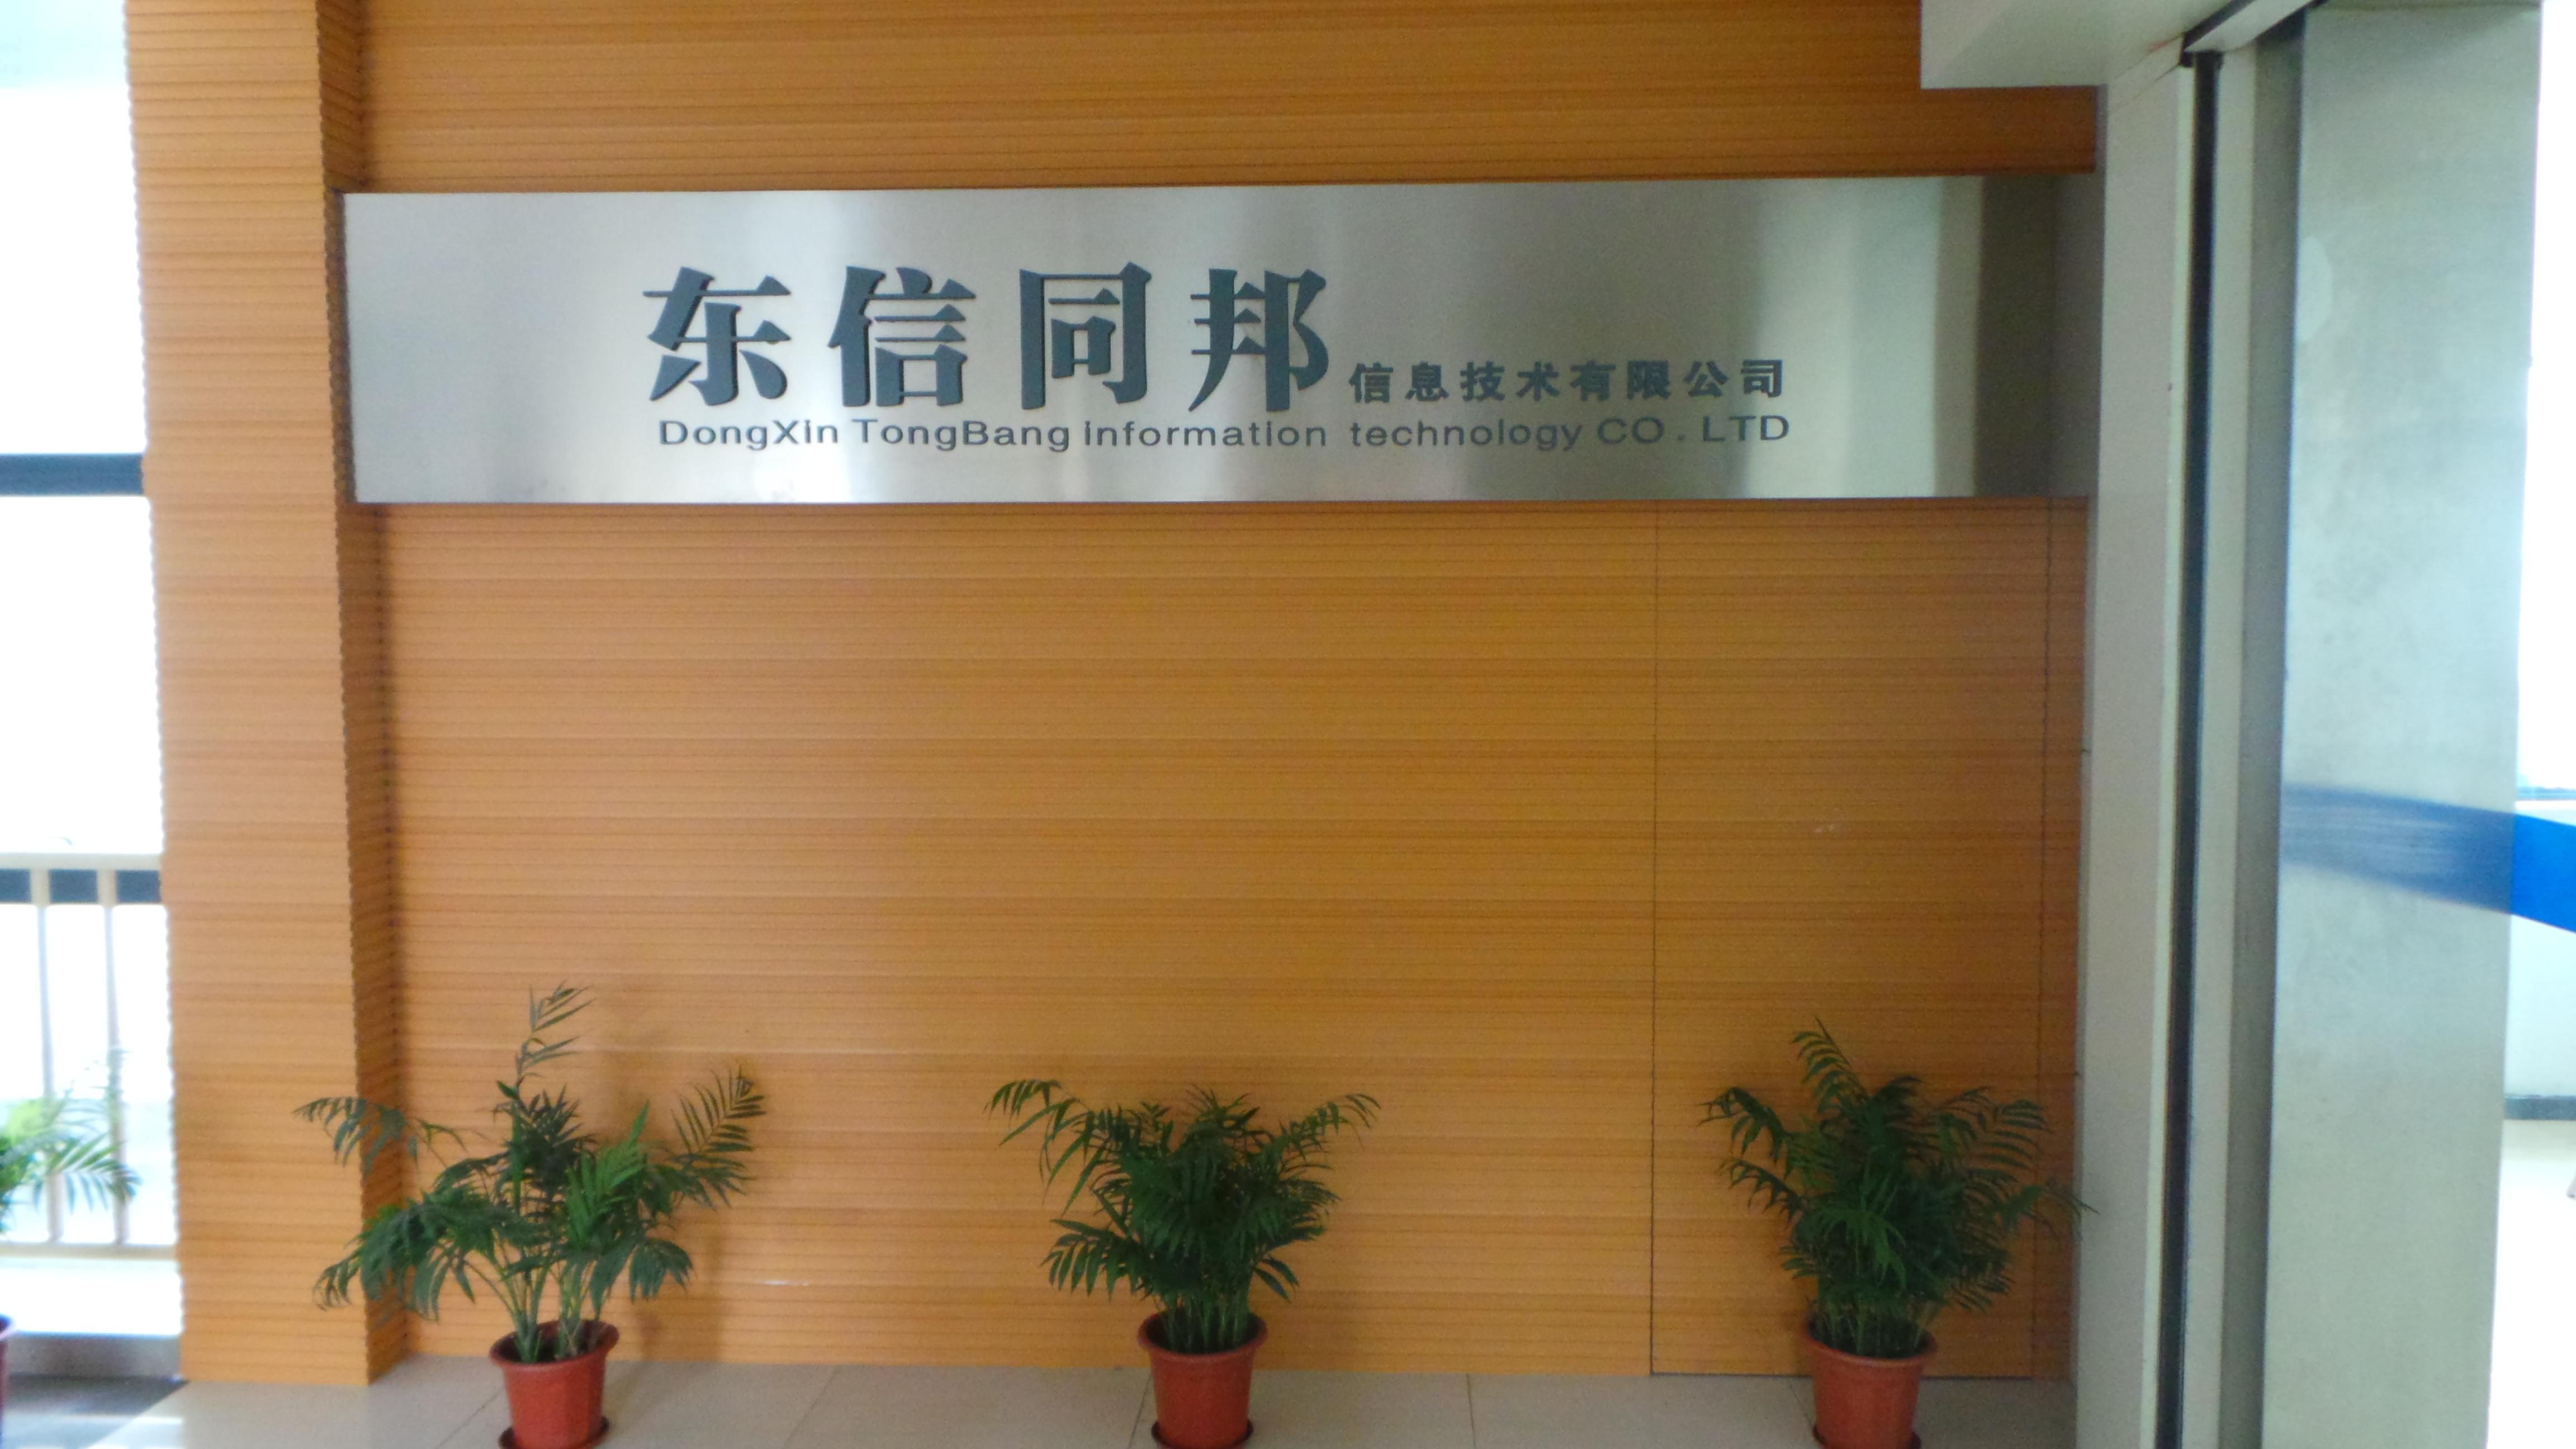 武�h�|信同邦信息技�g有限公司logo